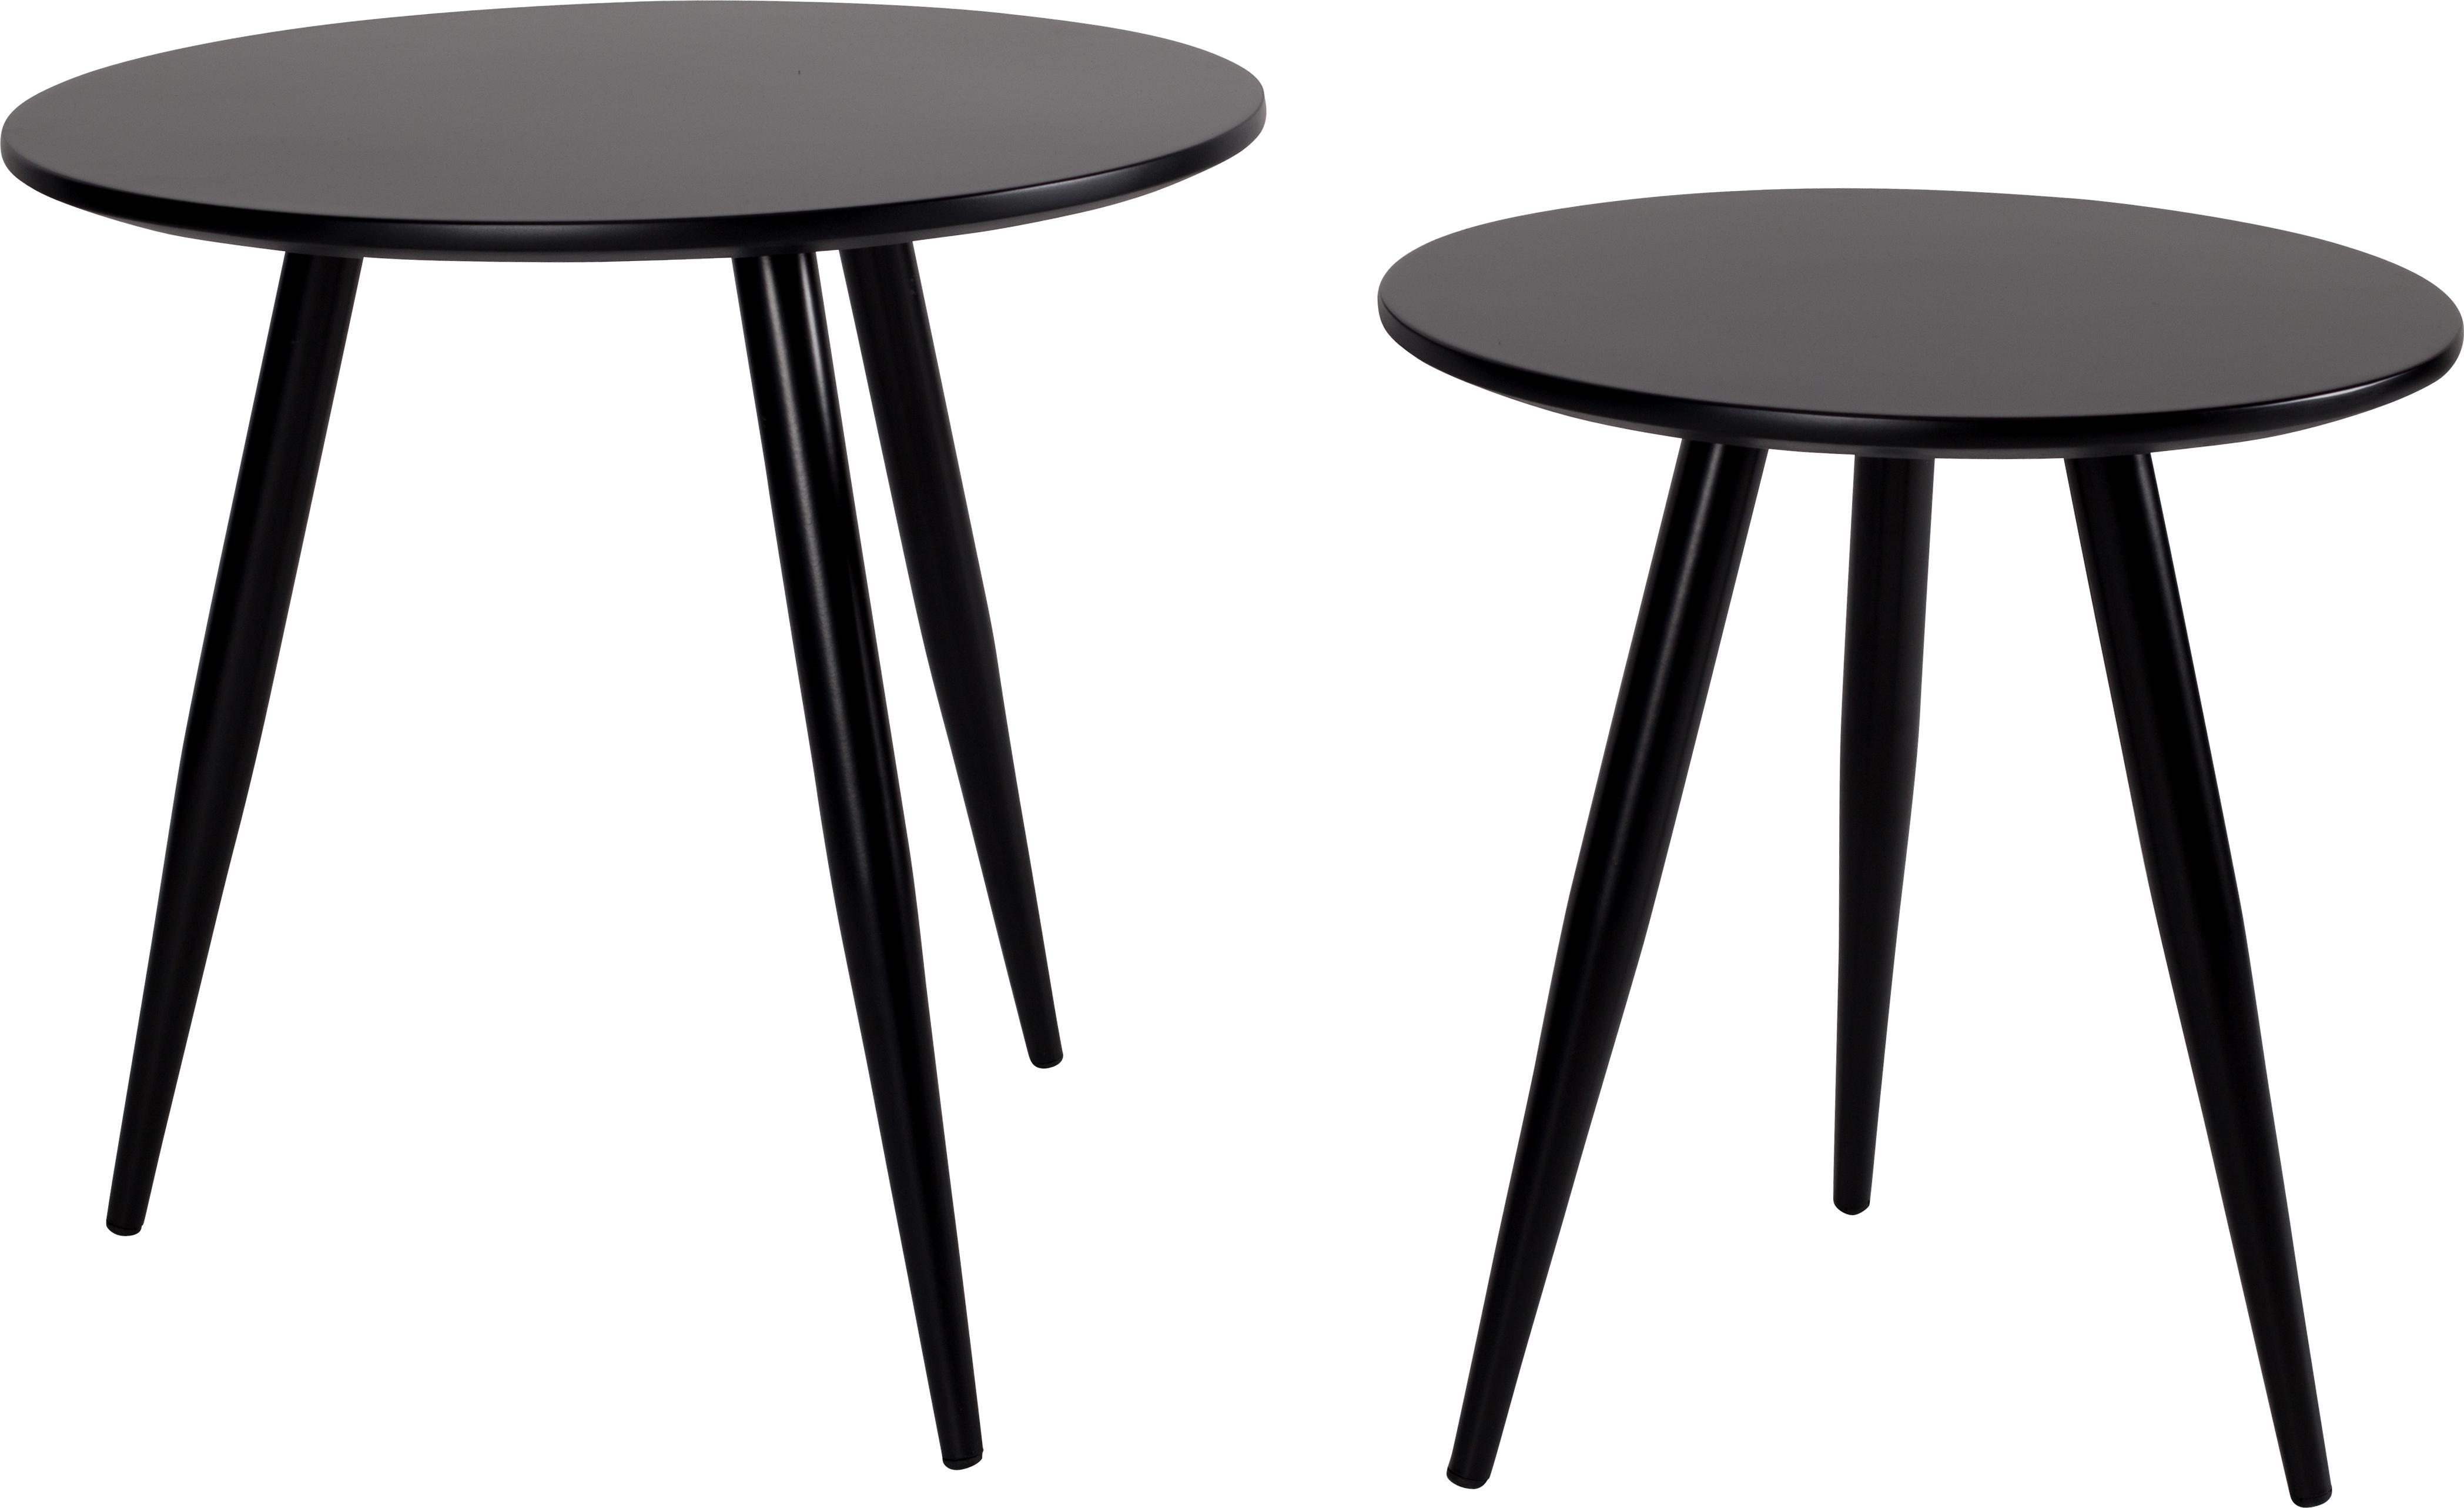 Komplet stolików pomocniczych Colette, 2 elem., Nogi: metal malowany proszkowo, Blat: płyta pilśniowa o średnie, Czarny, Komplet z różnymi rozmiarami